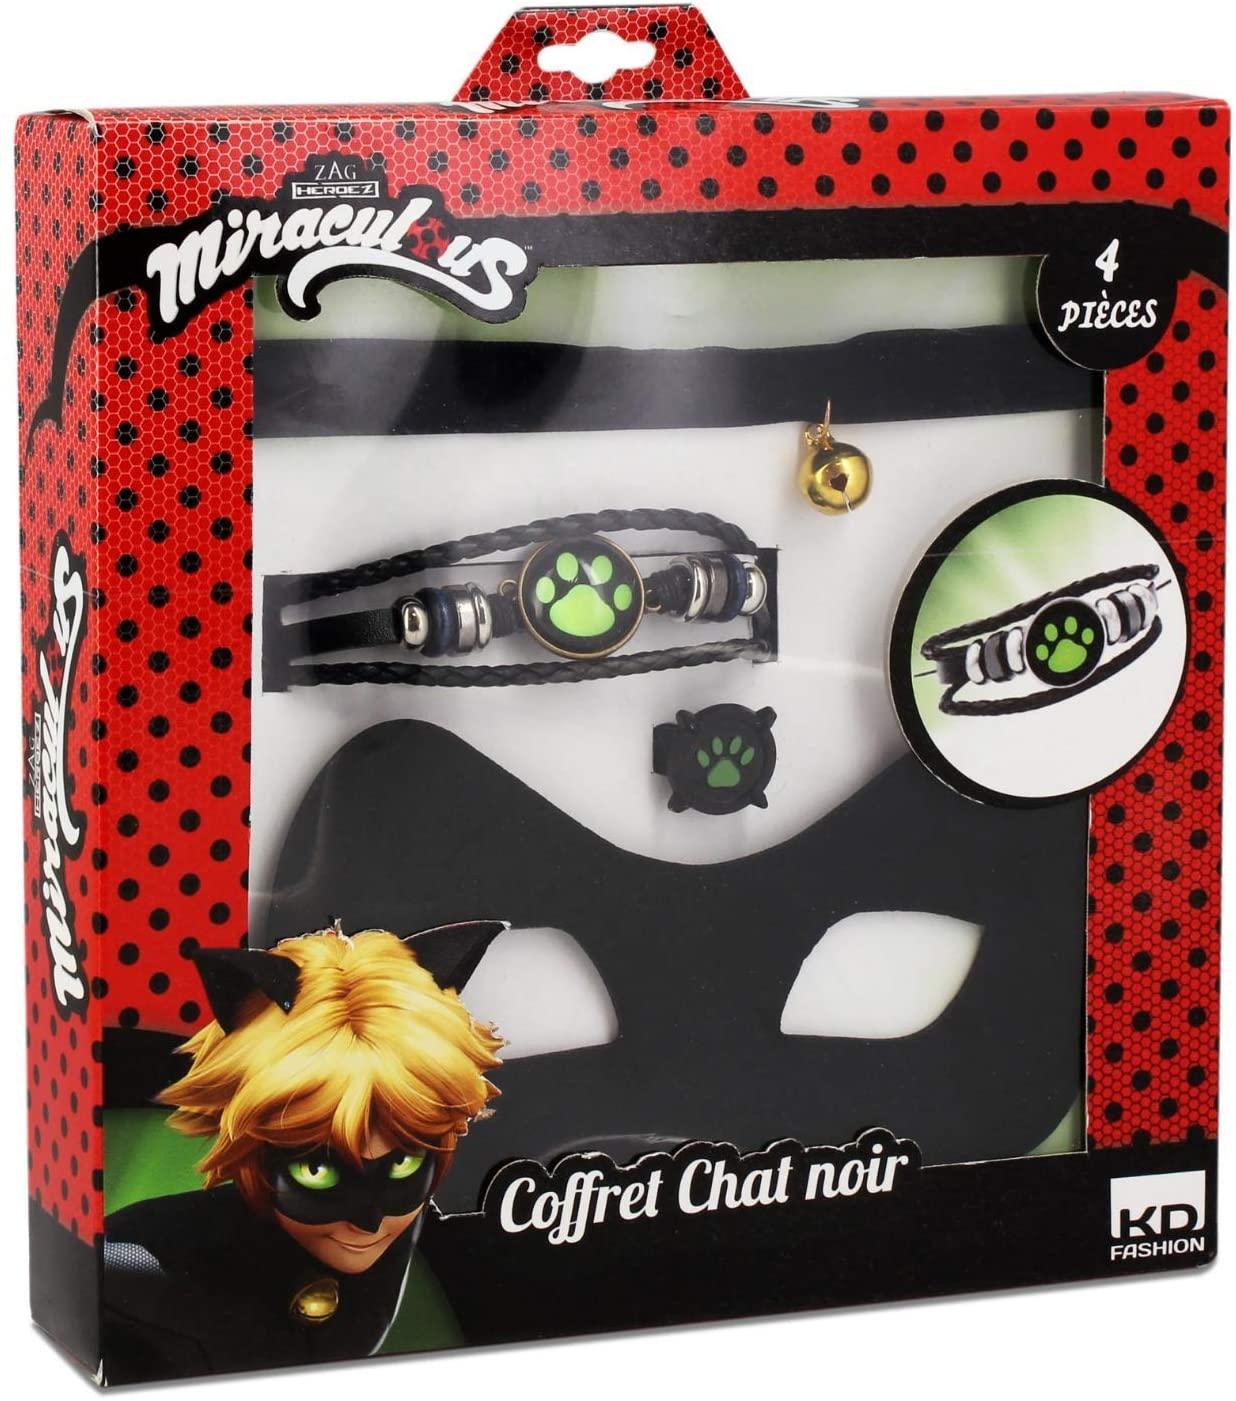 Juego de Gafas y Joyas de Chat  Noir LadyBug